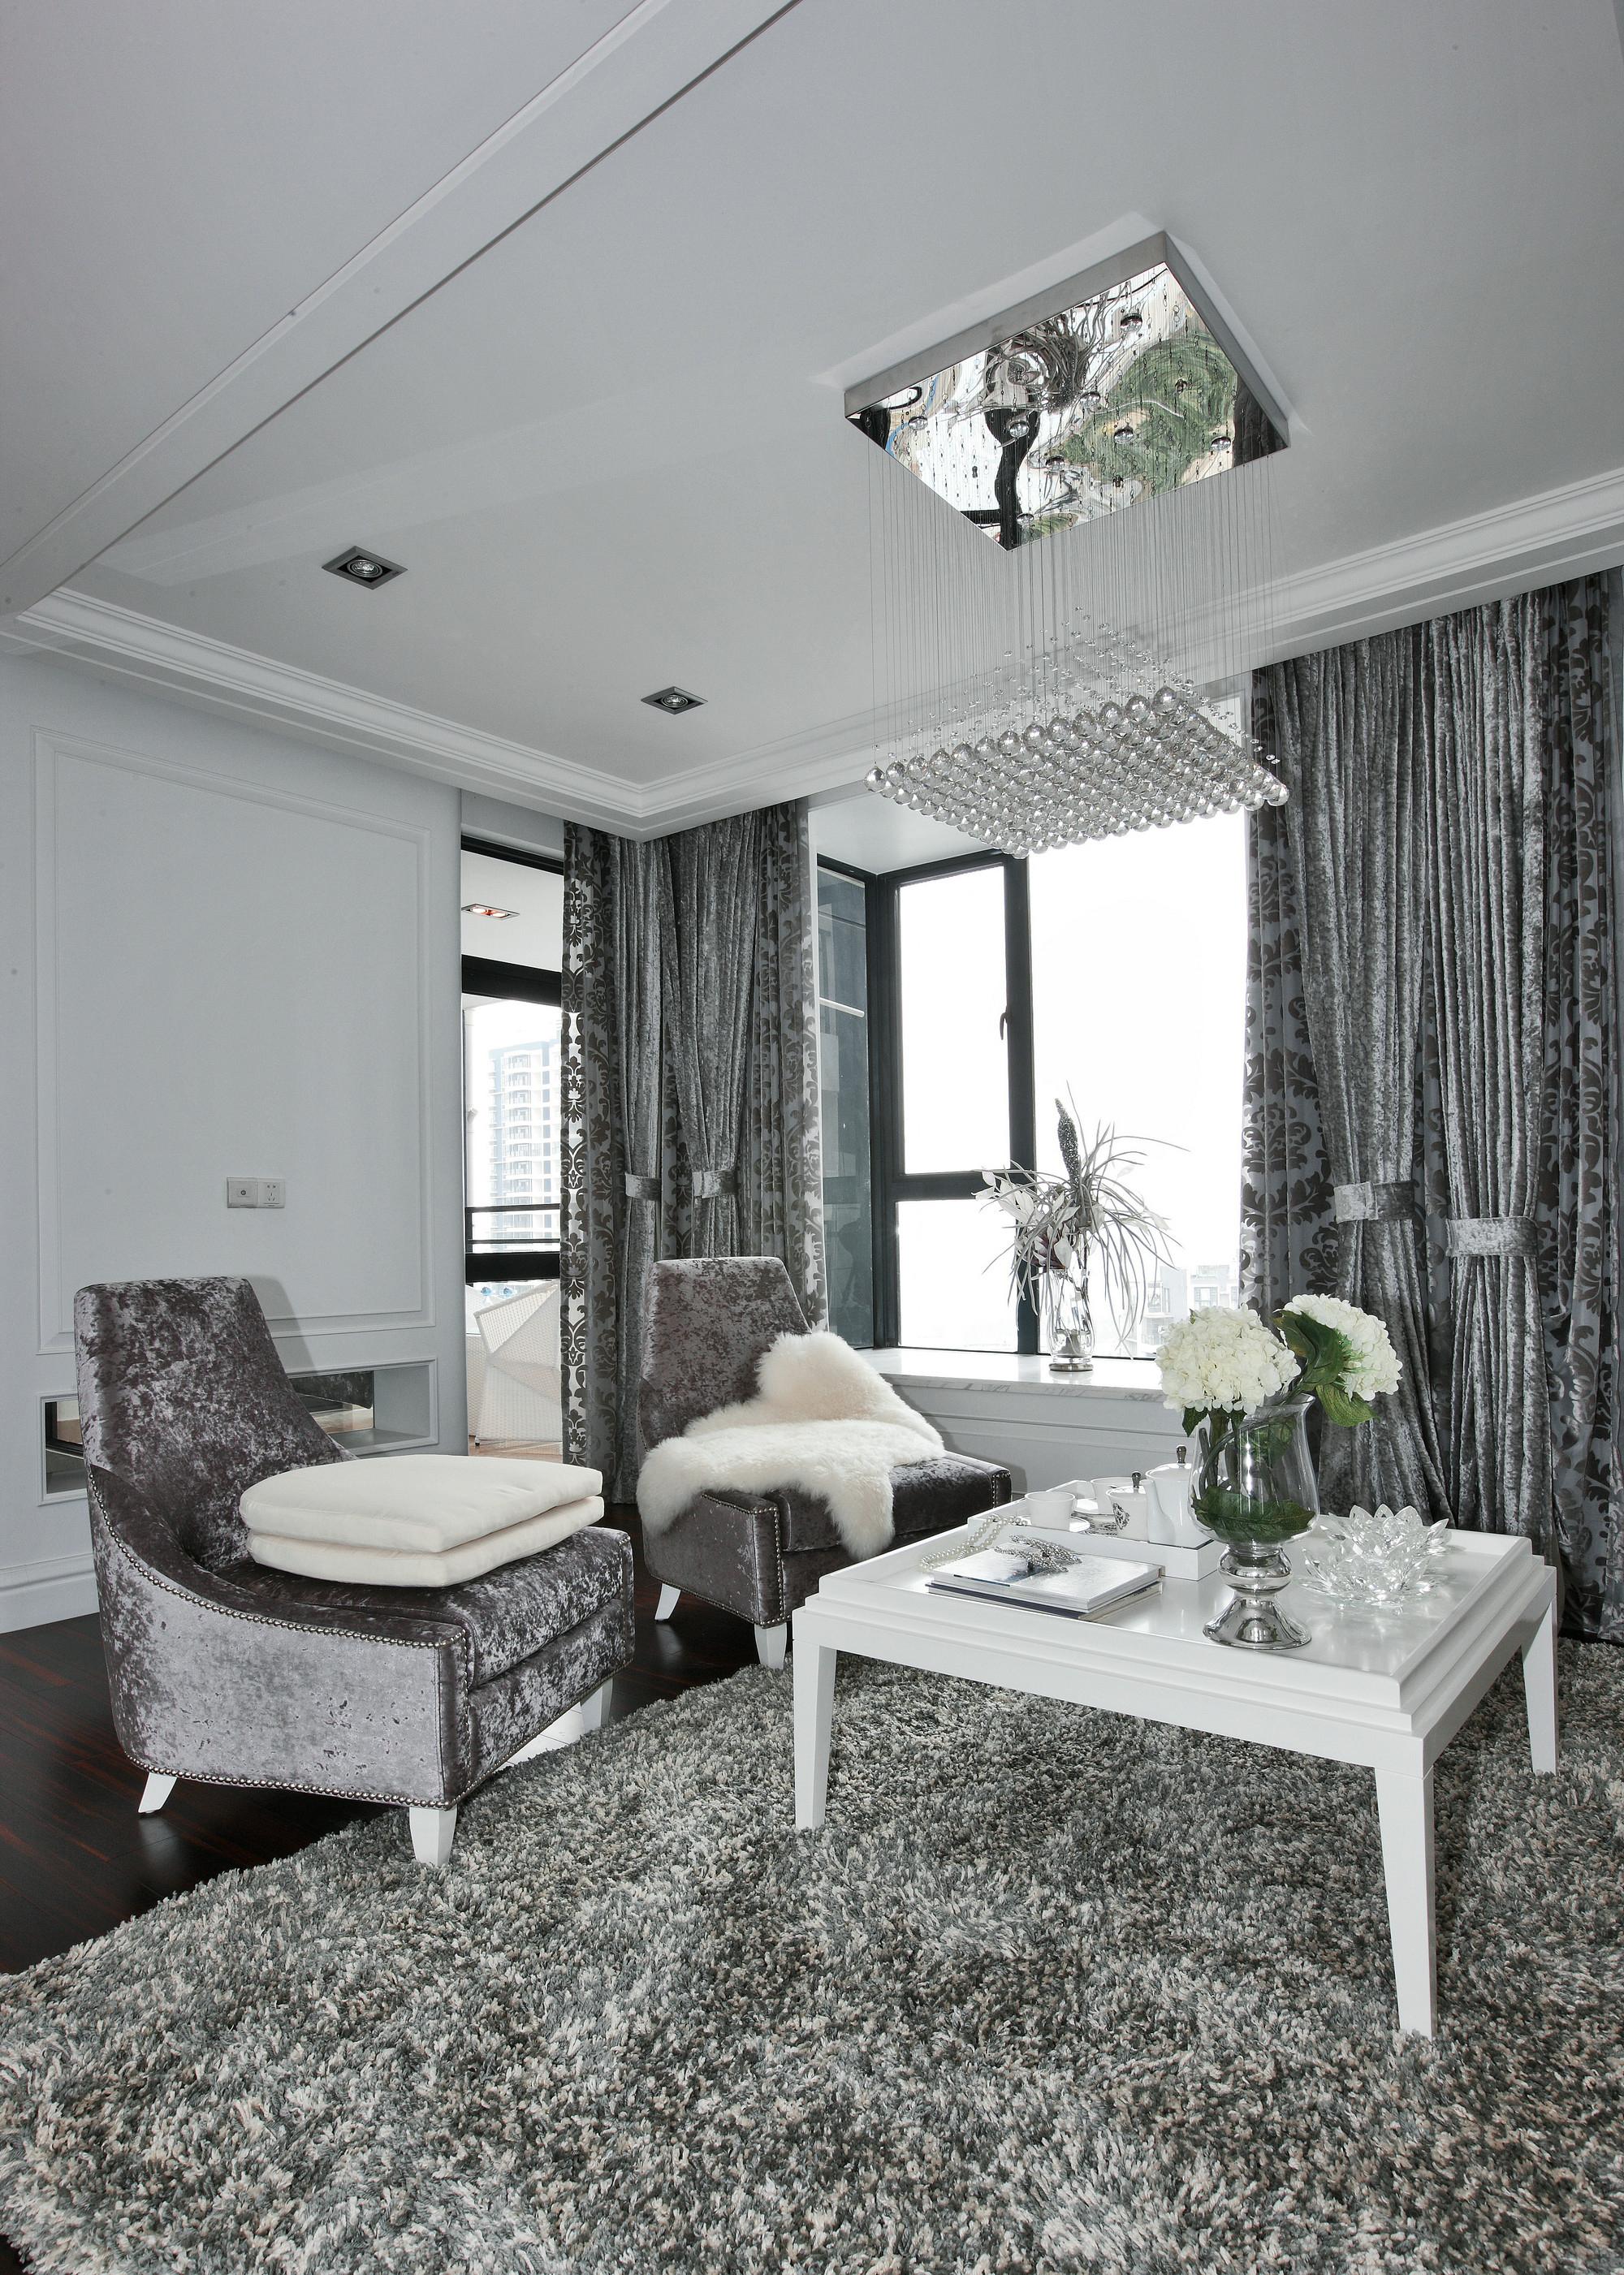 简约 欧式 白领 客厅图片来自北京今朝装饰郭风在欧式简约的分享